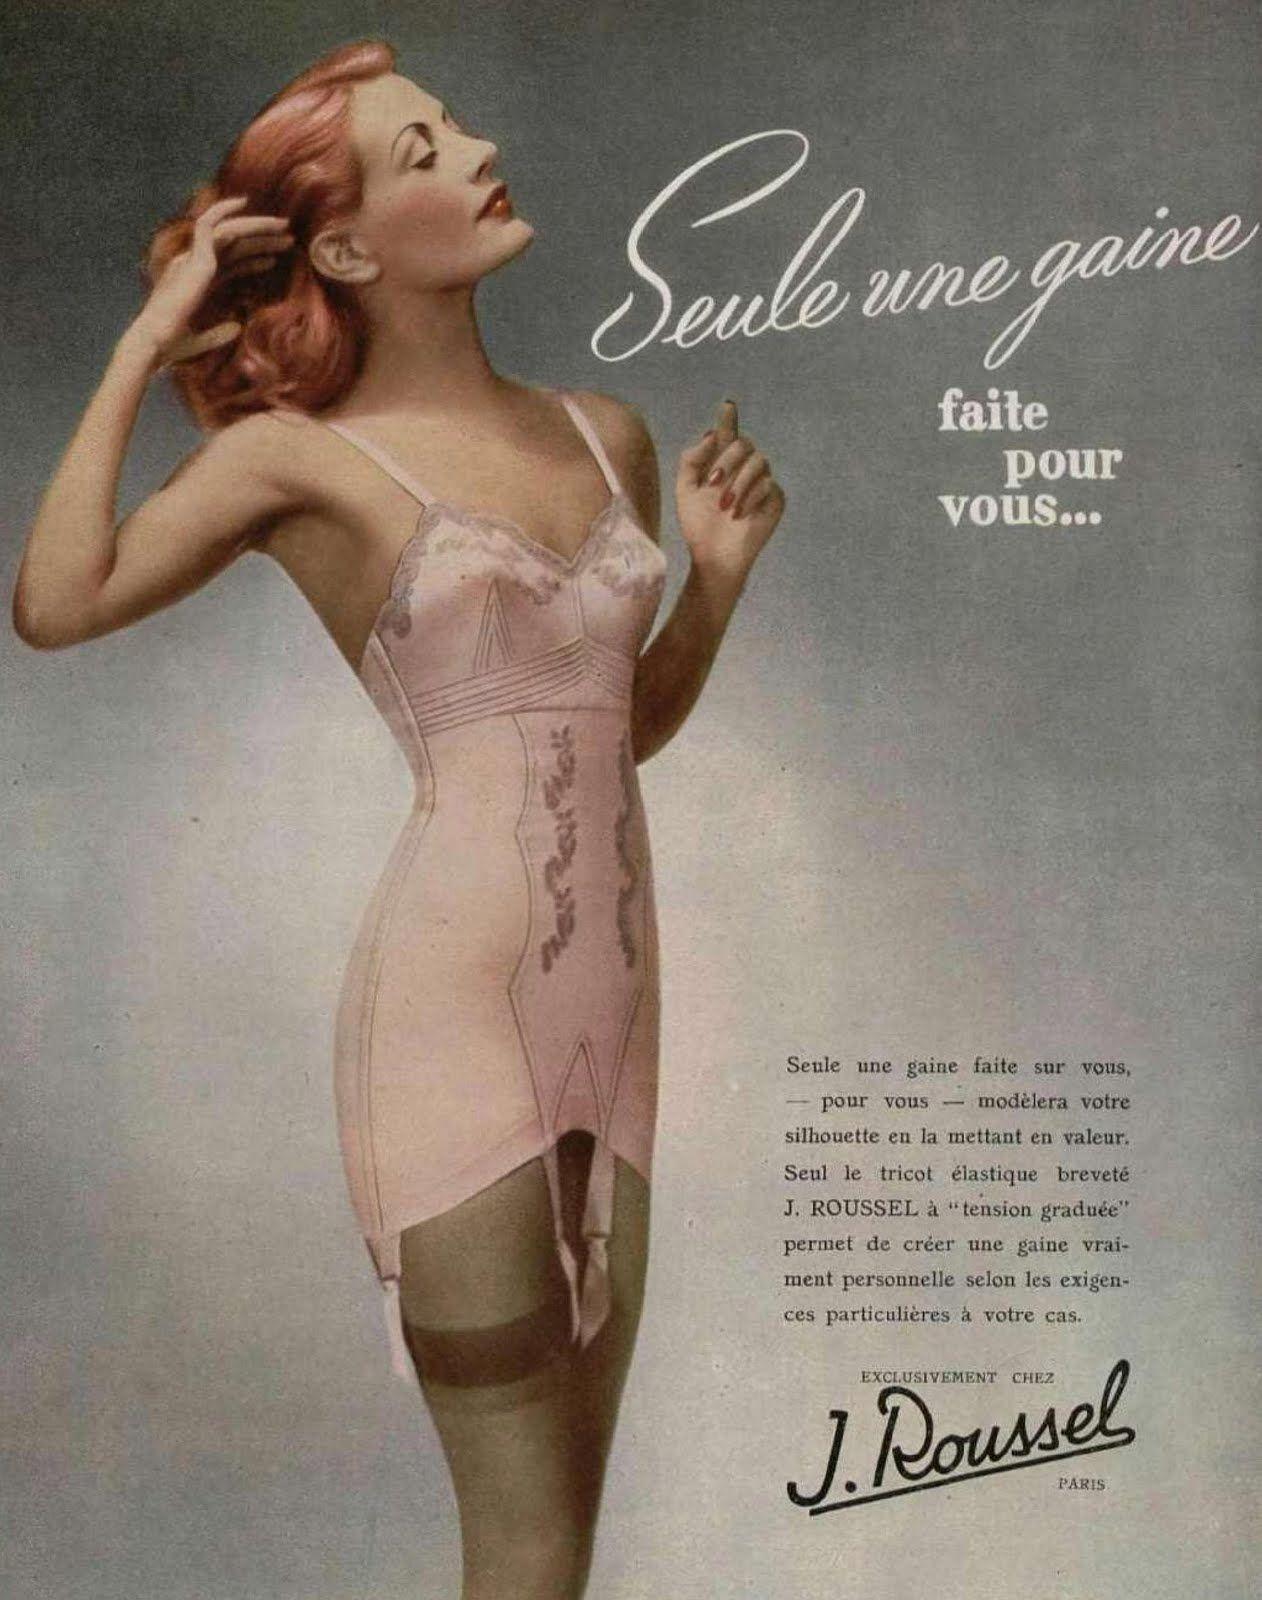 e6672b8036c78 1940's Fashion - A Woman's Clothing Plan 1947 | Wardrobe | Vintage ...